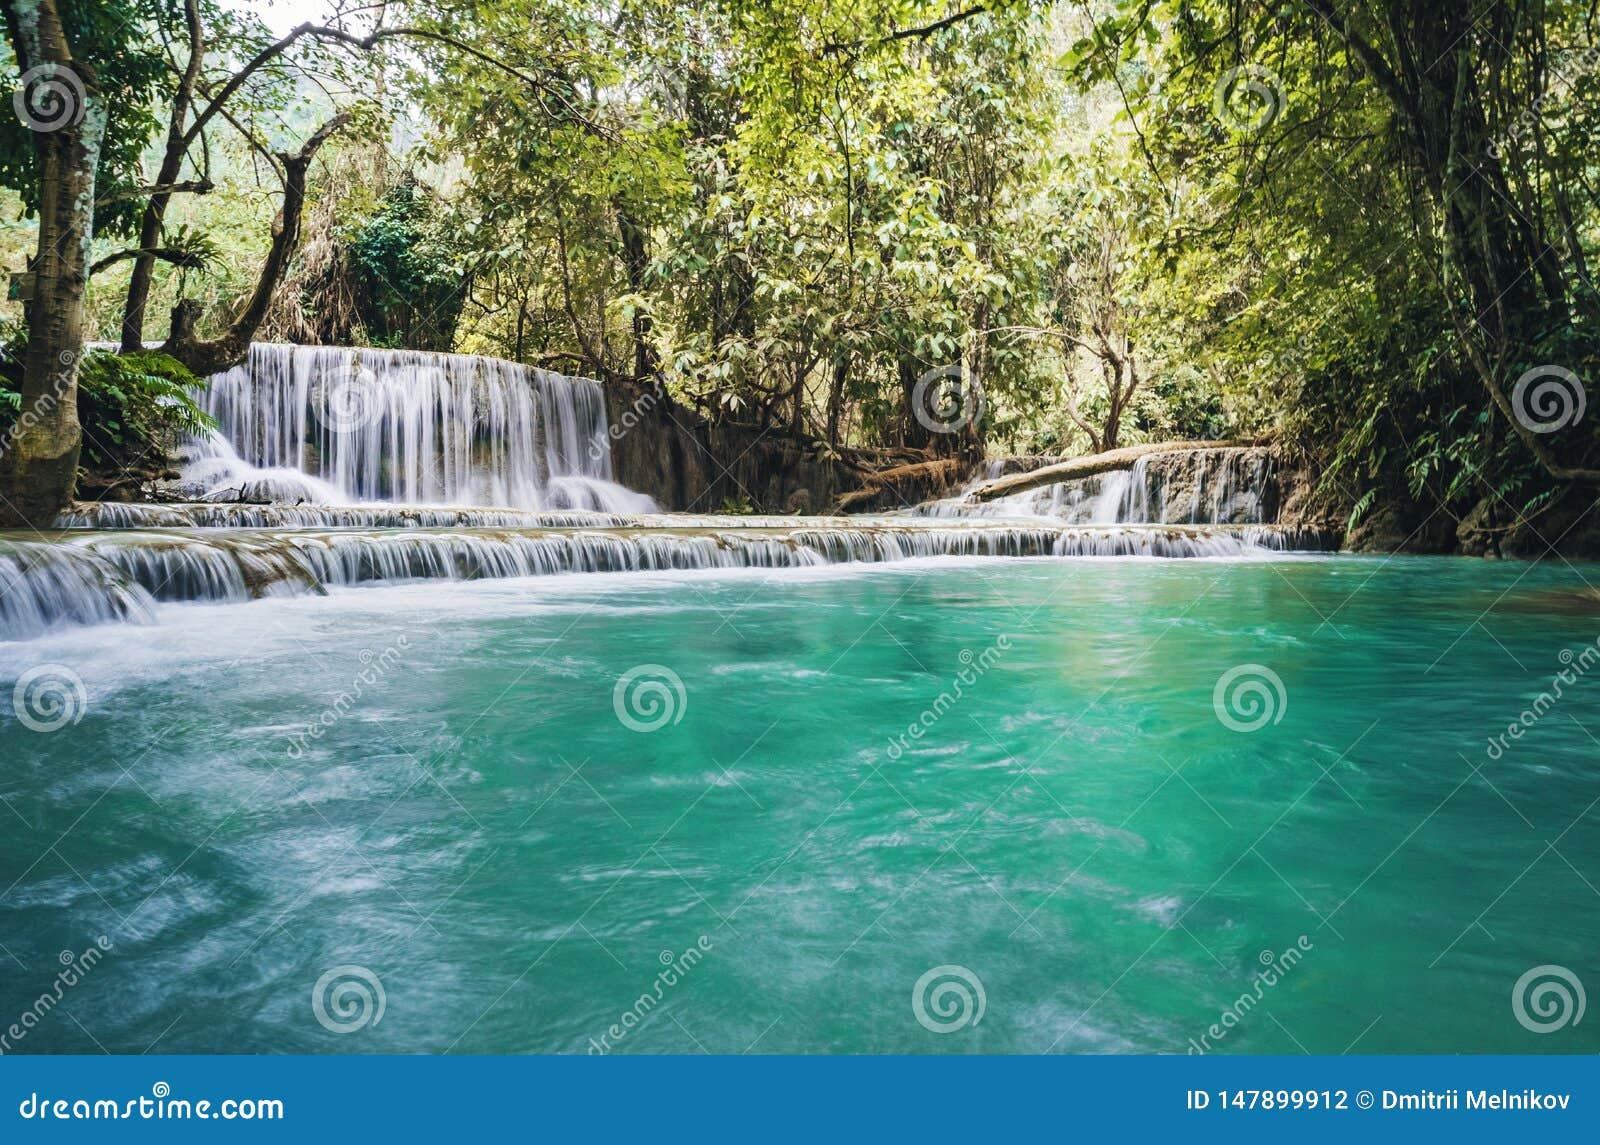 Водопад и небольшой крутой пруд с водой бирюзы Фантастически красивая природа с лесом чистой воды и дикими джунглями